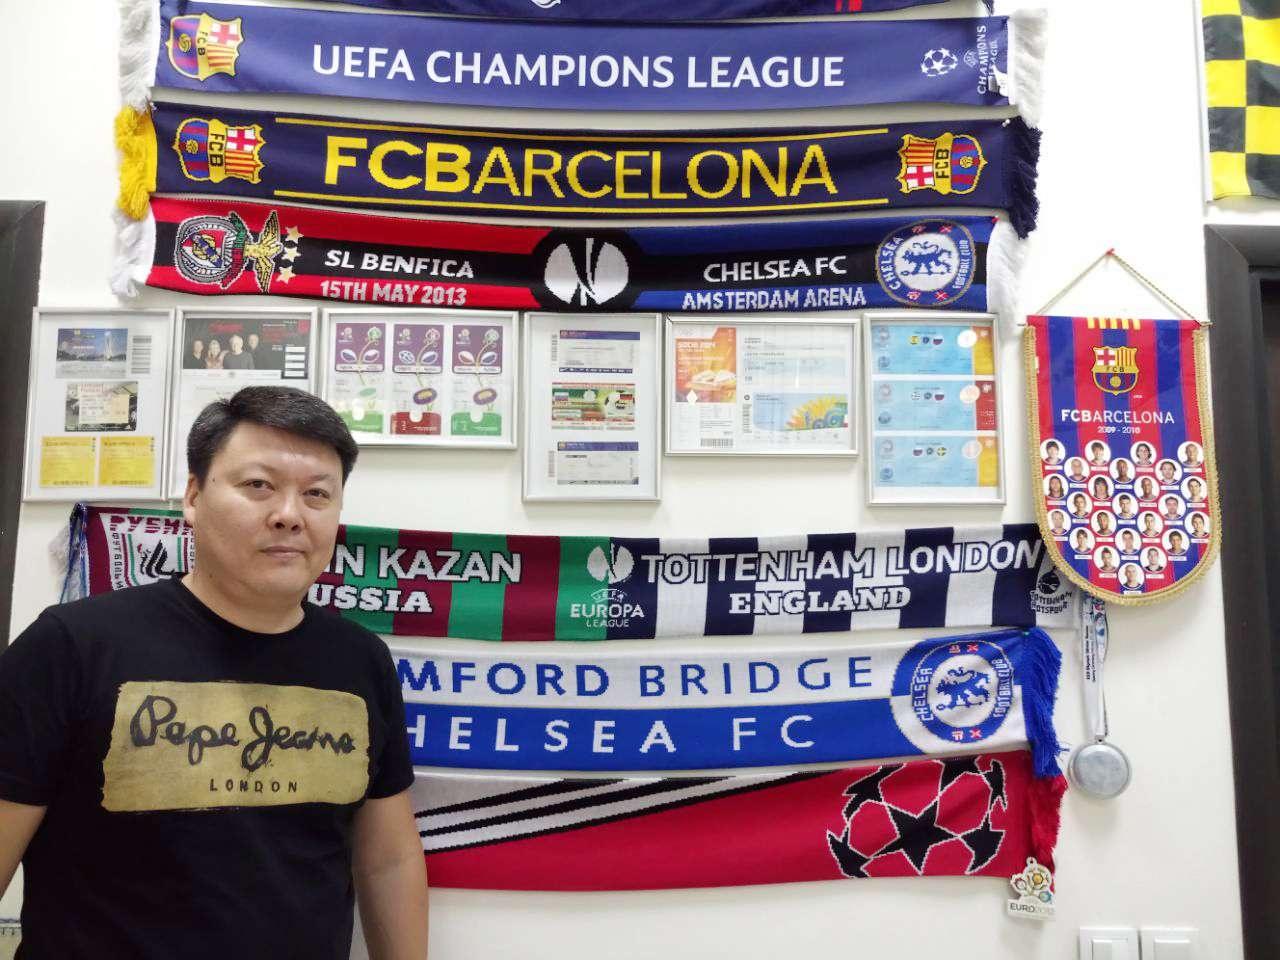 Сабит Сулейменов с удовольствием демонстрирует целую коллекцию фанатских трофеев - он большой поклонник футбола